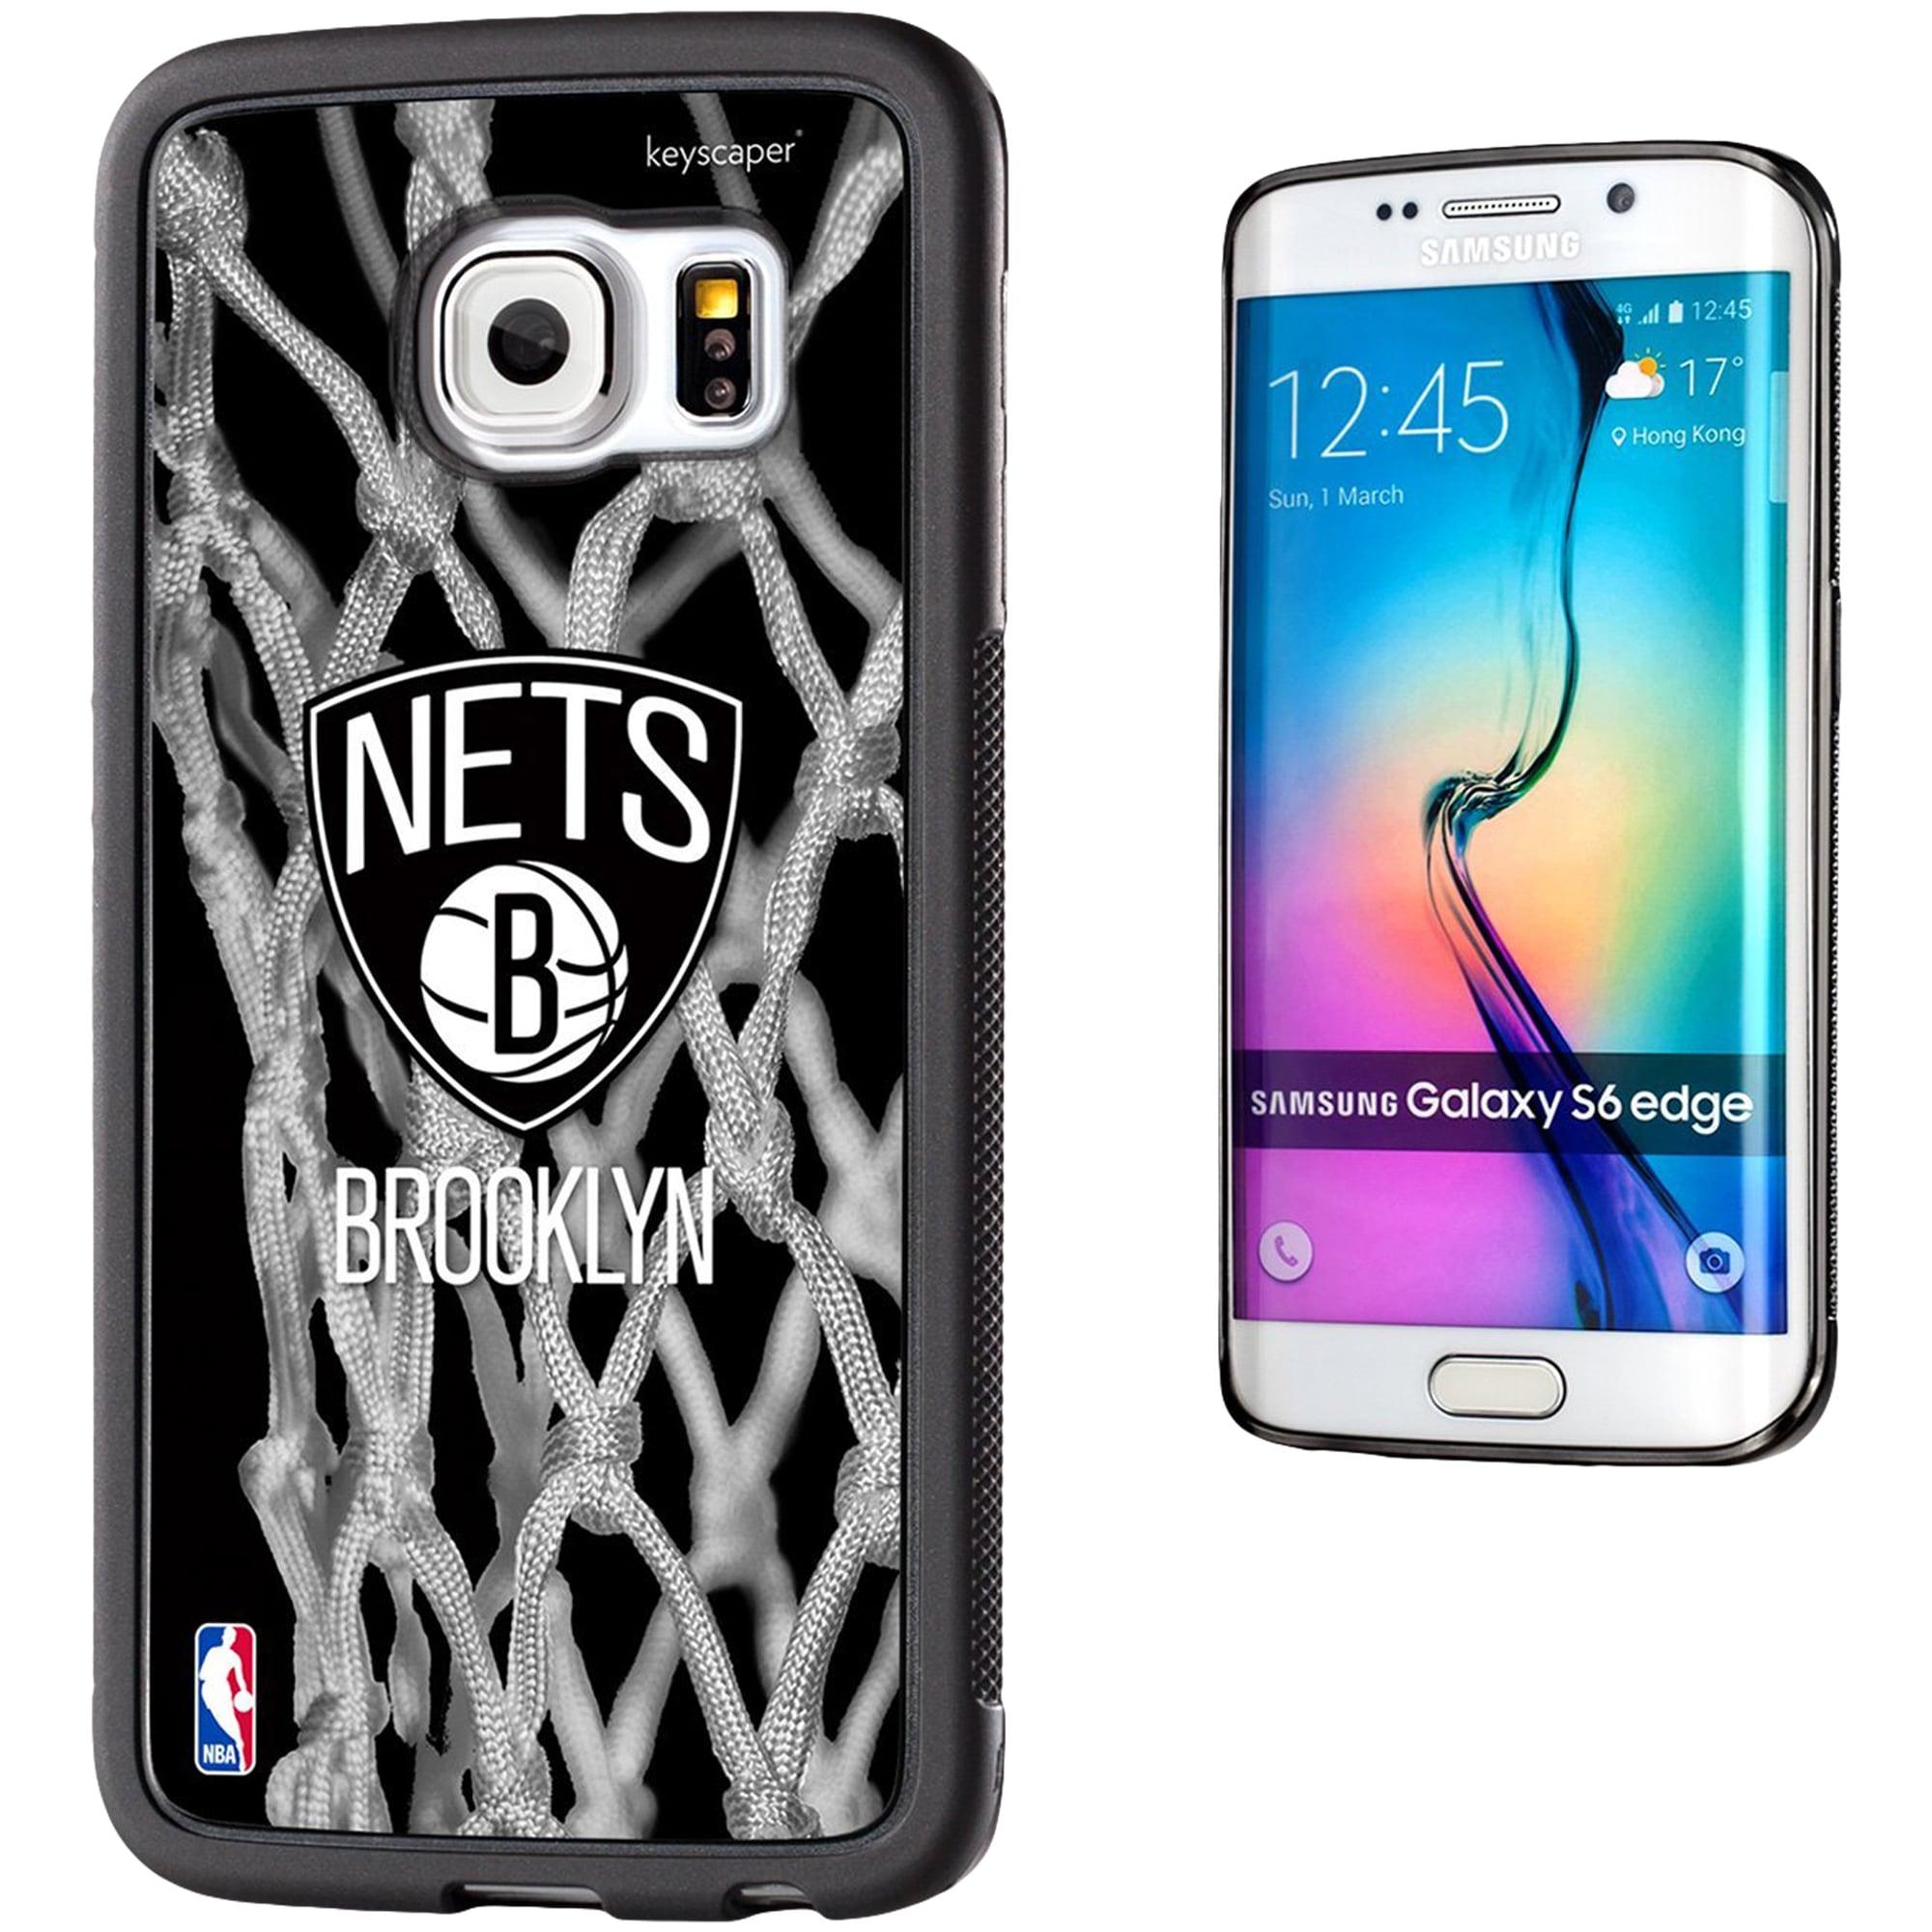 Brooklyn Nets Net 2 Galaxy S6 Edge Bumper Case